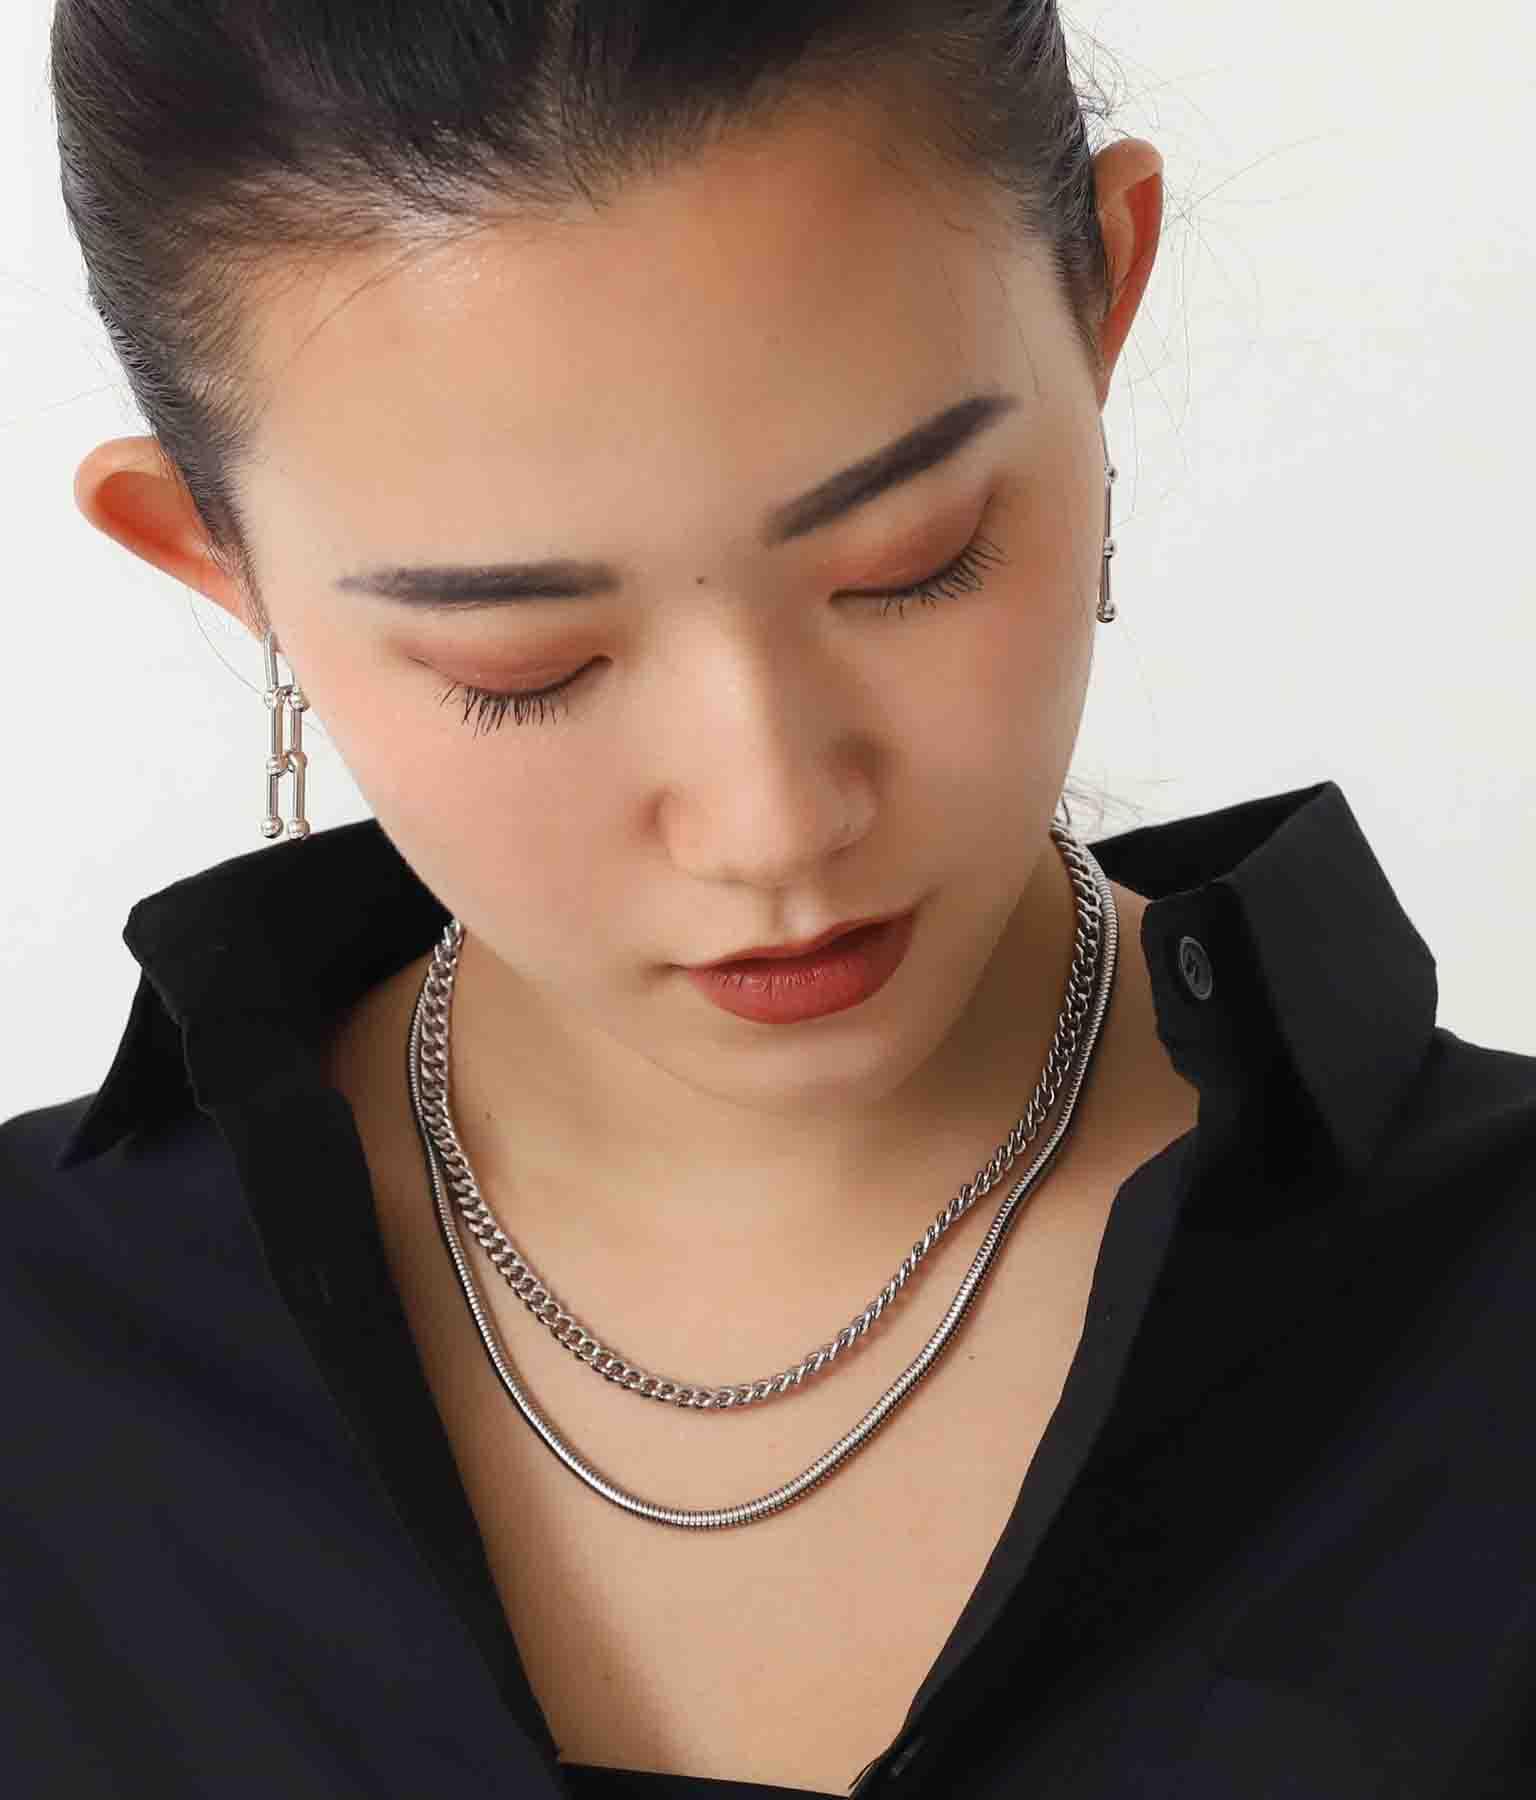 キヘイ×スネークチェーンネックレス(アクセサリー/ネックレス・ペンダント) | Alluge